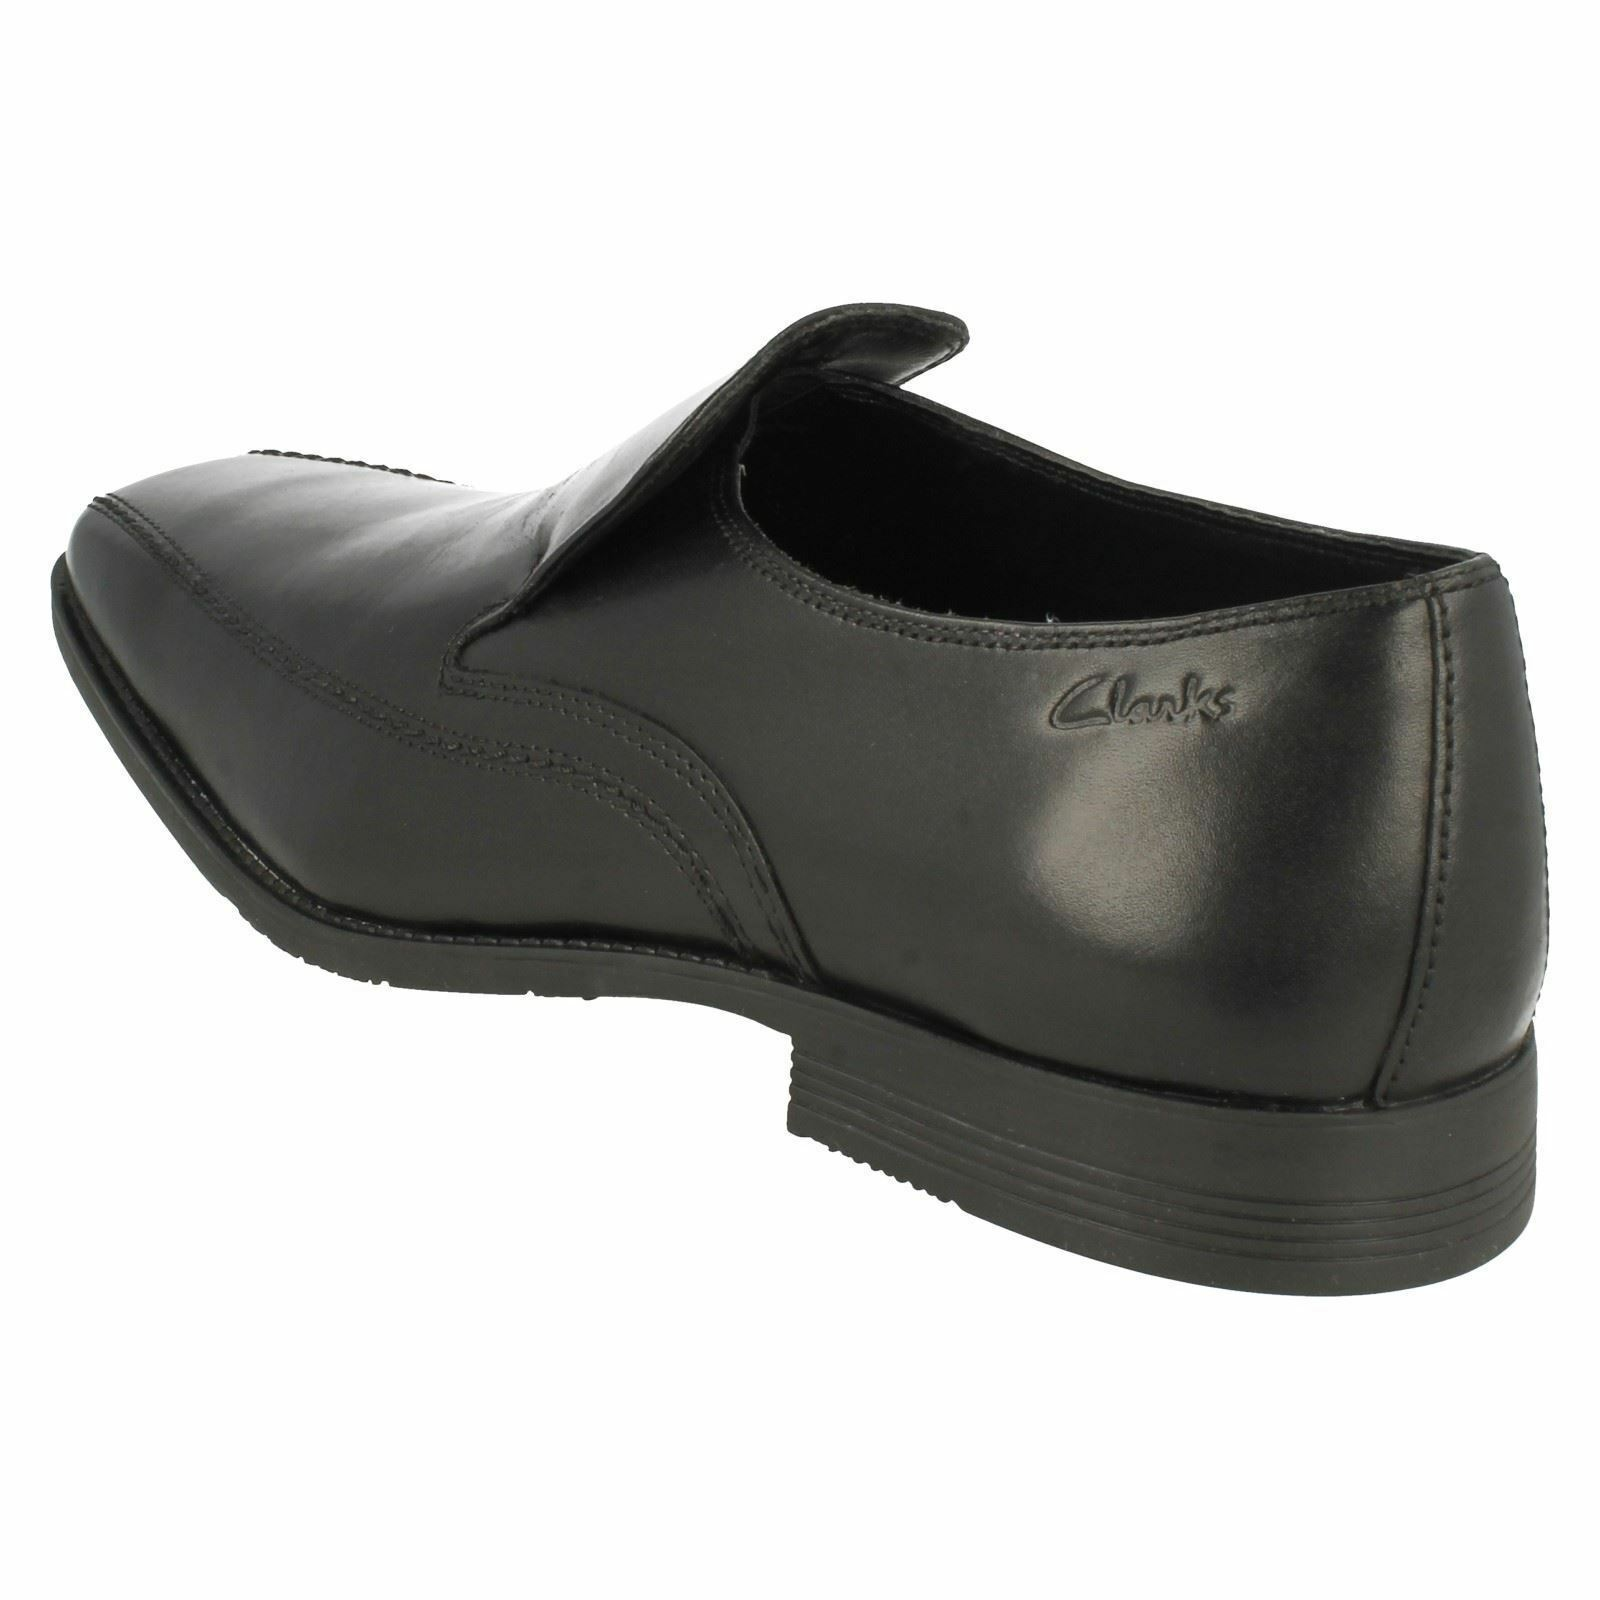 Herren G Fassung Acker Out Clarks schwarzes Leder Slipper von Clarks Out 22537b